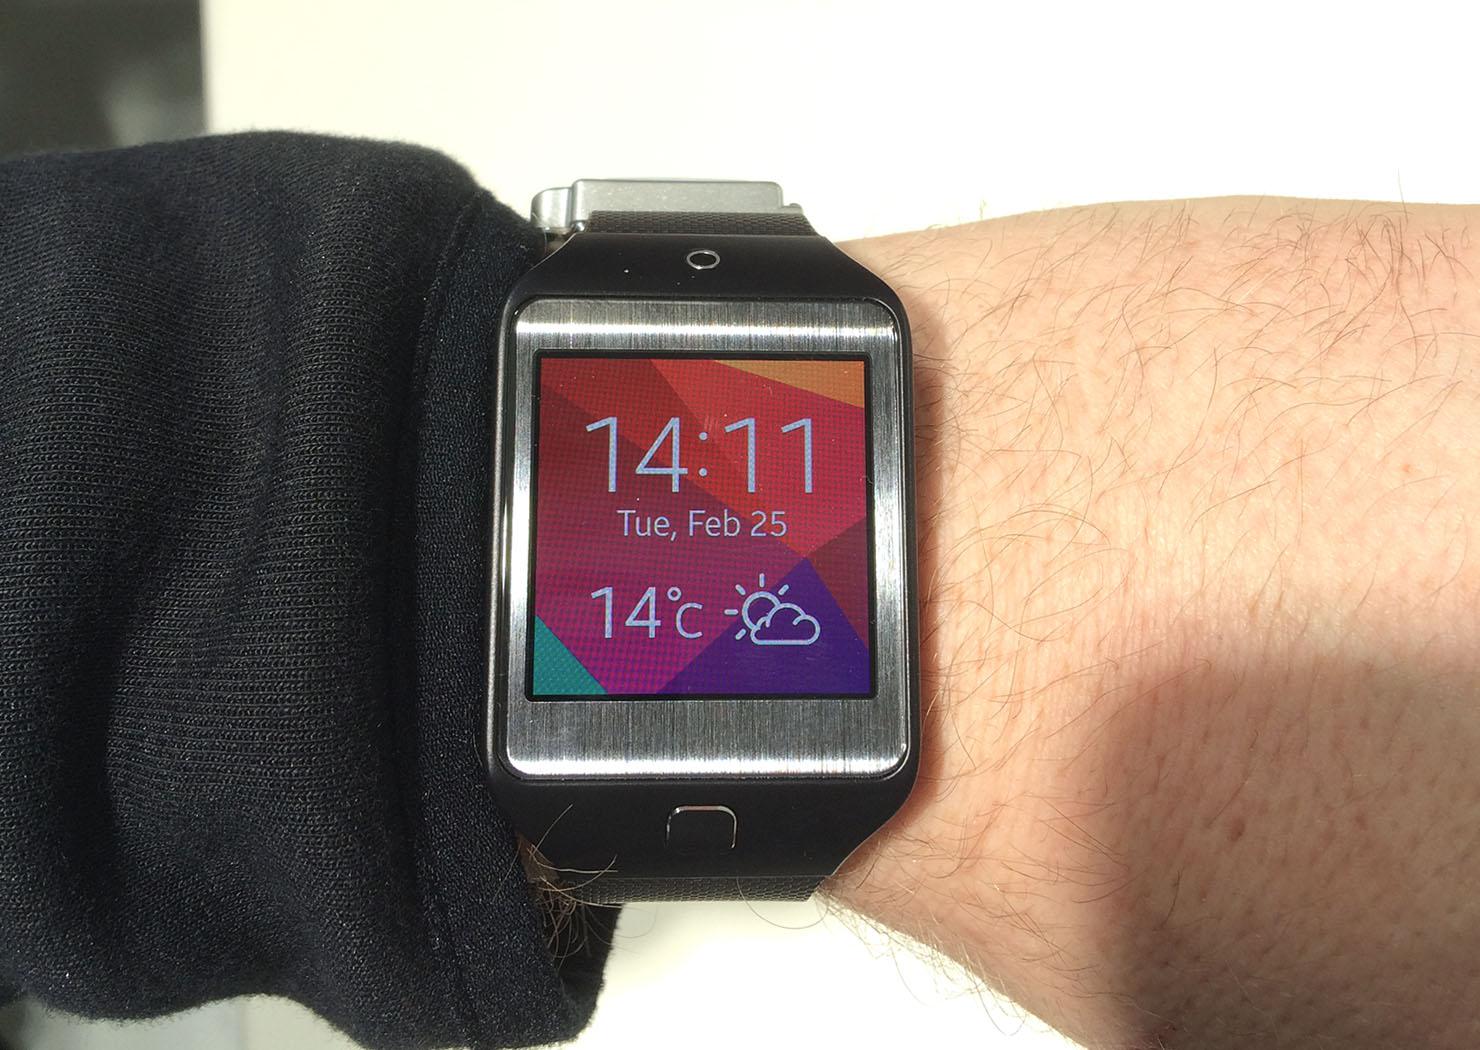 mwc2014 les nouvelles montres gear de samsung wearemobians wearemobians. Black Bedroom Furniture Sets. Home Design Ideas